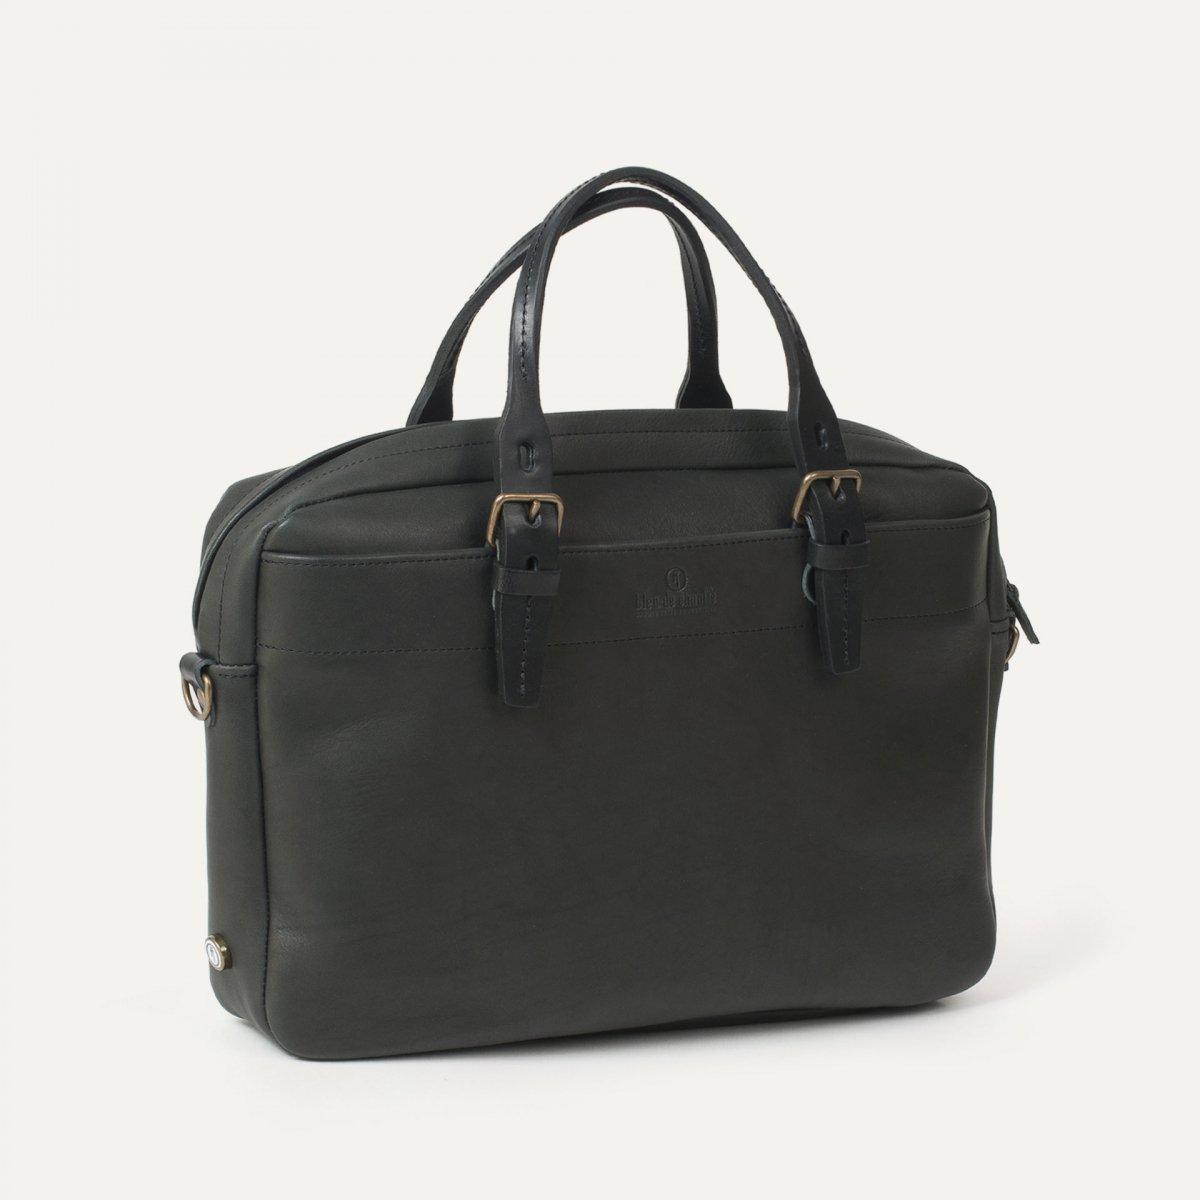 Folder Business bag - Black (image n°2)